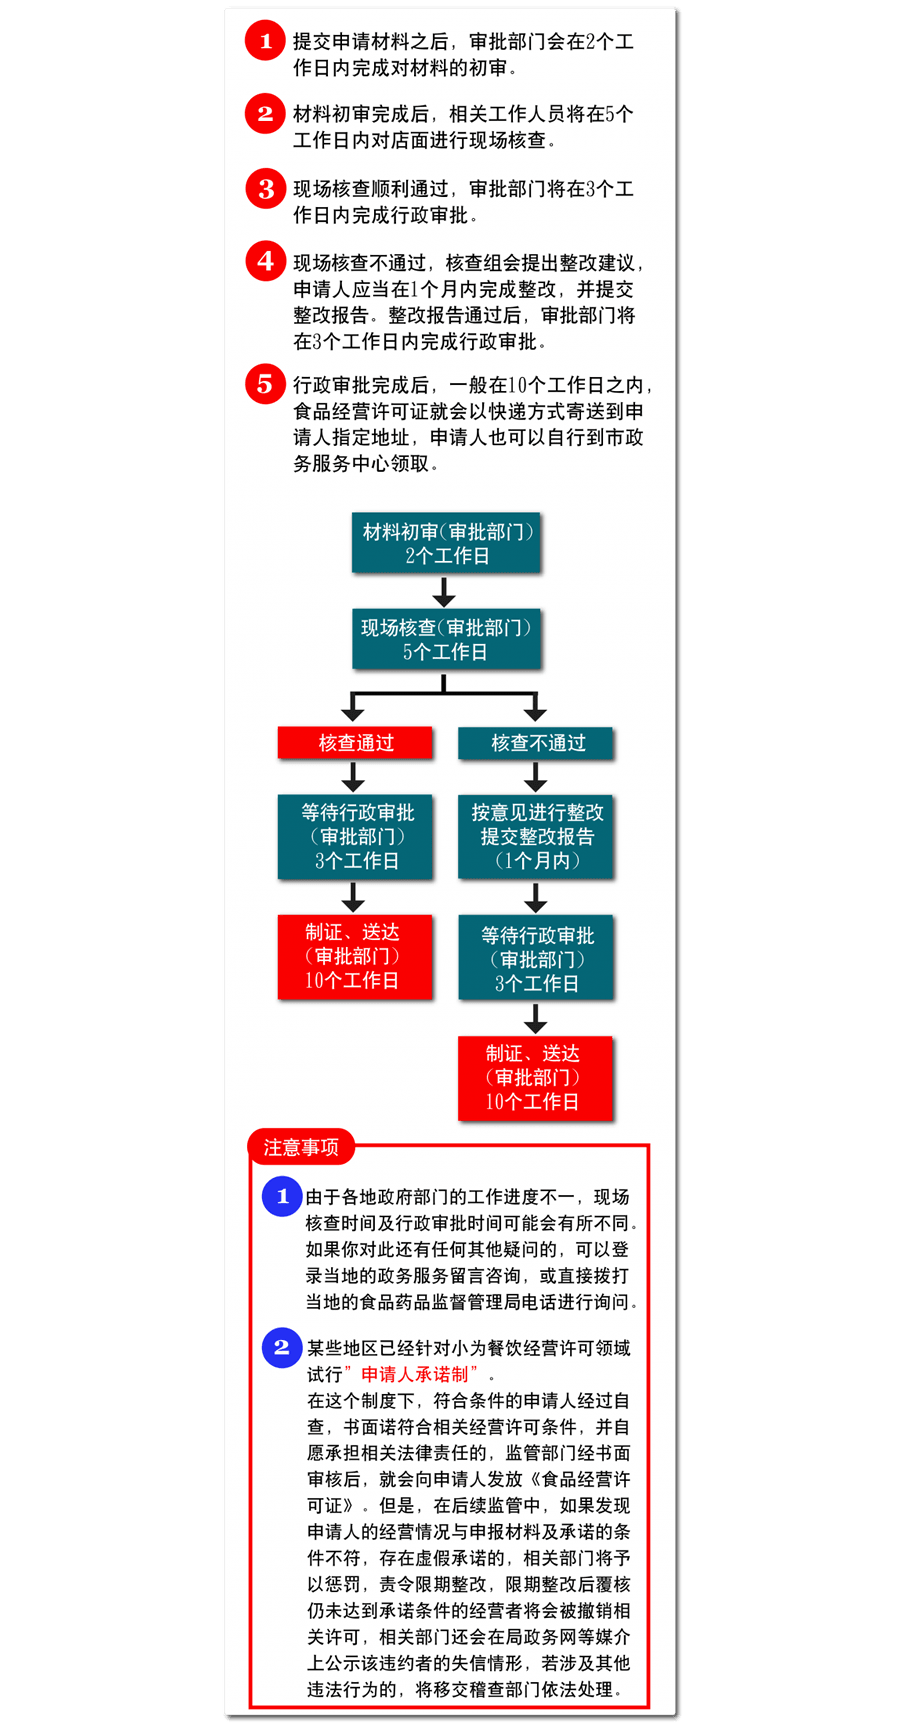 11 接受現場審查-01-01